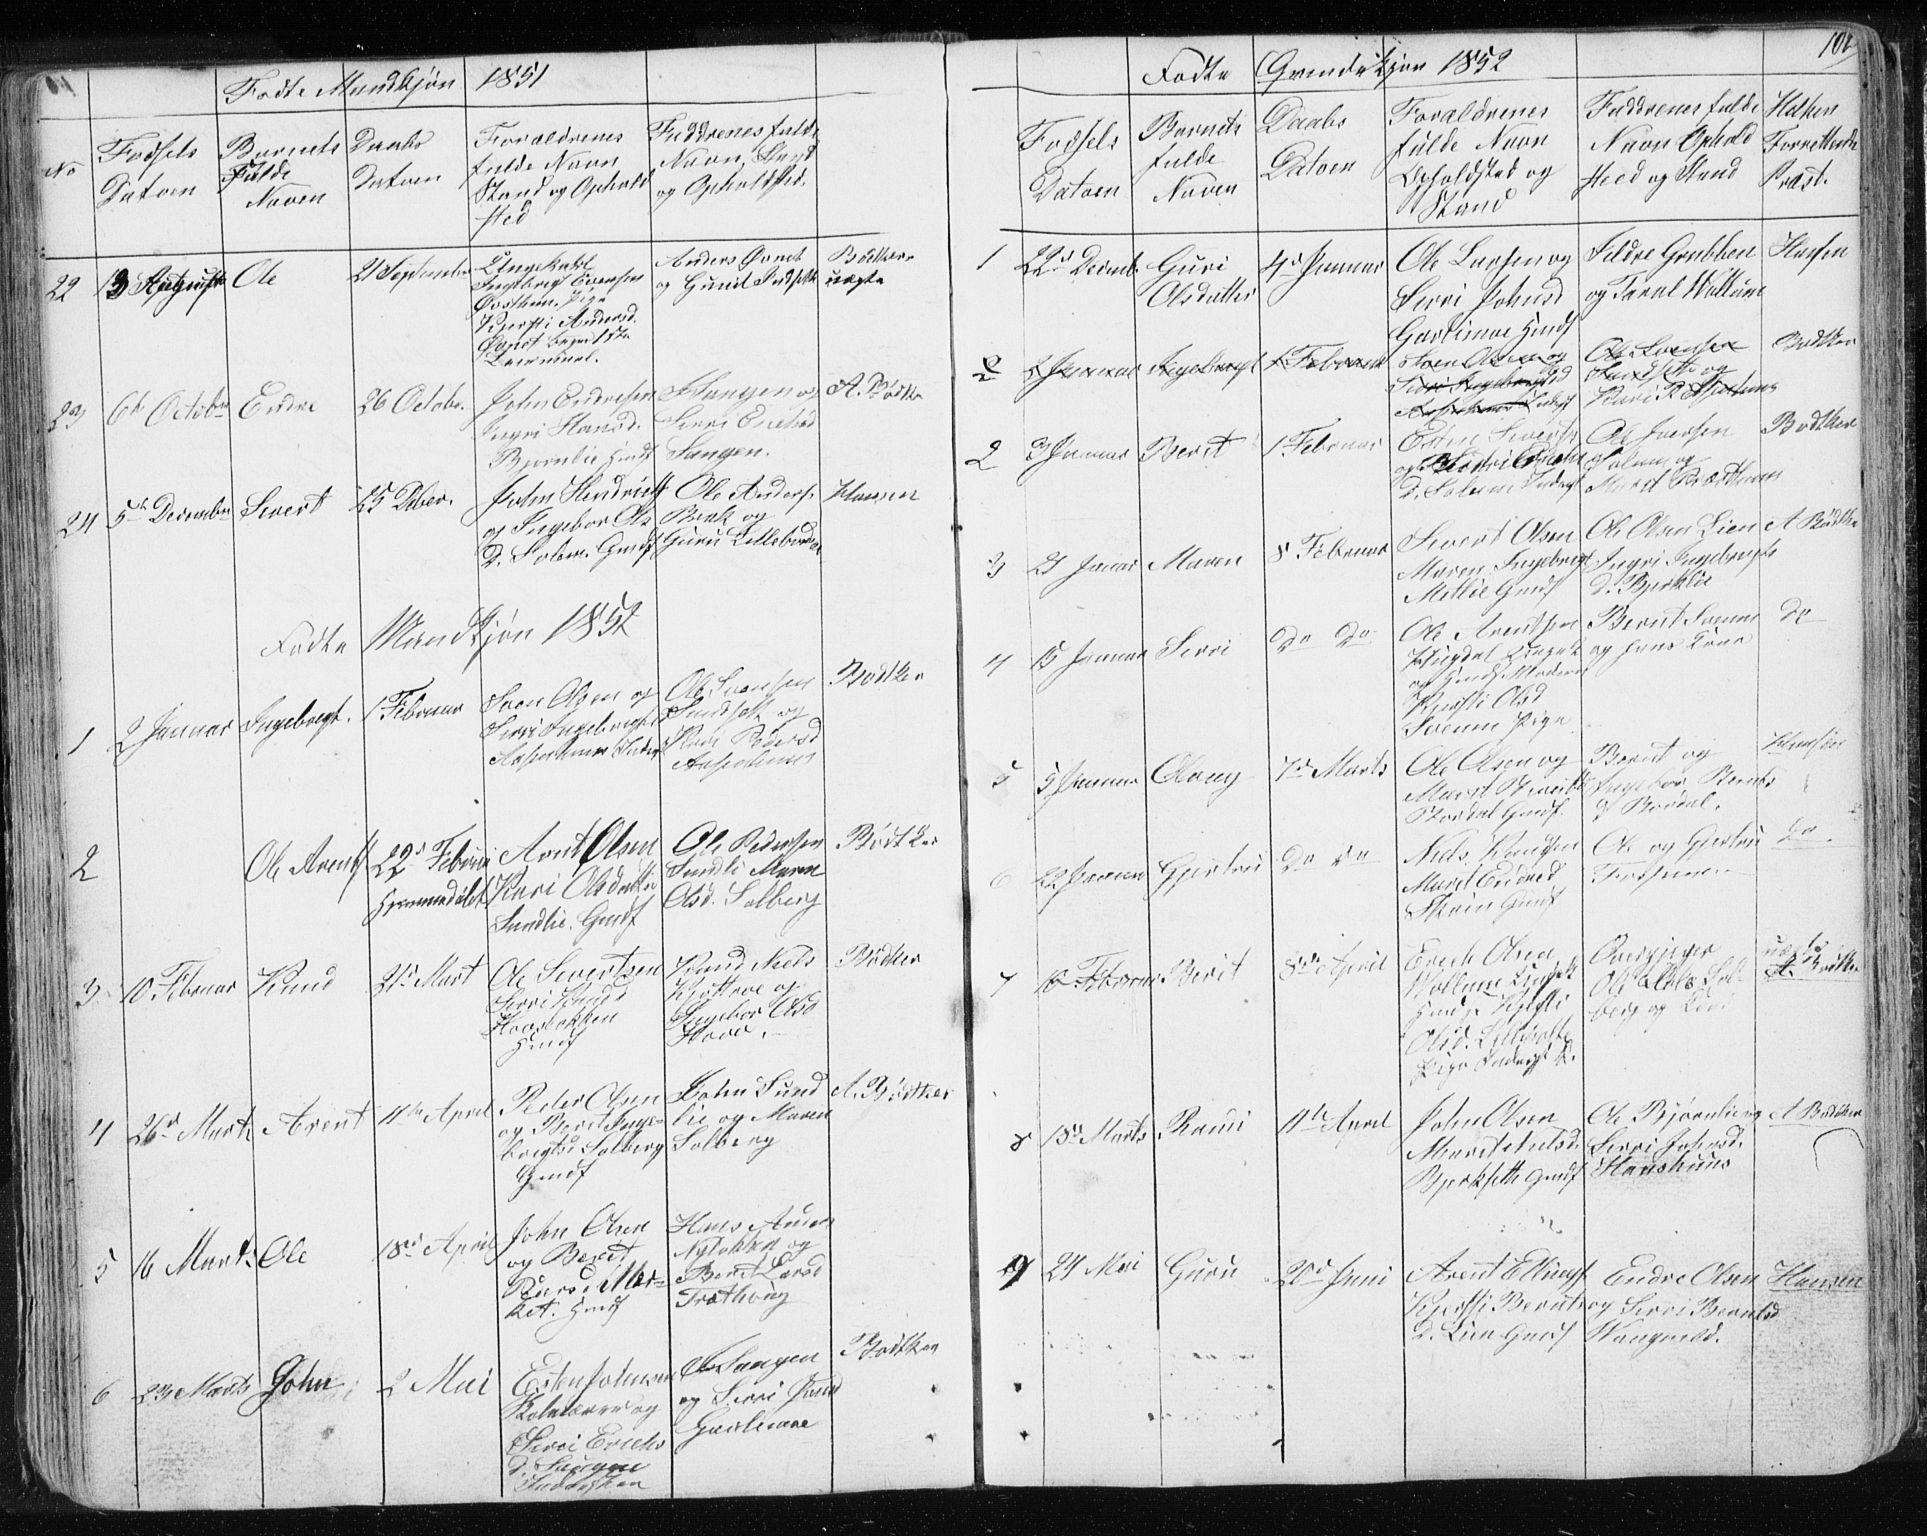 SAT, Ministerialprotokoller, klokkerbøker og fødselsregistre - Sør-Trøndelag, 689/L1043: Klokkerbok nr. 689C02, 1816-1892, s. 102